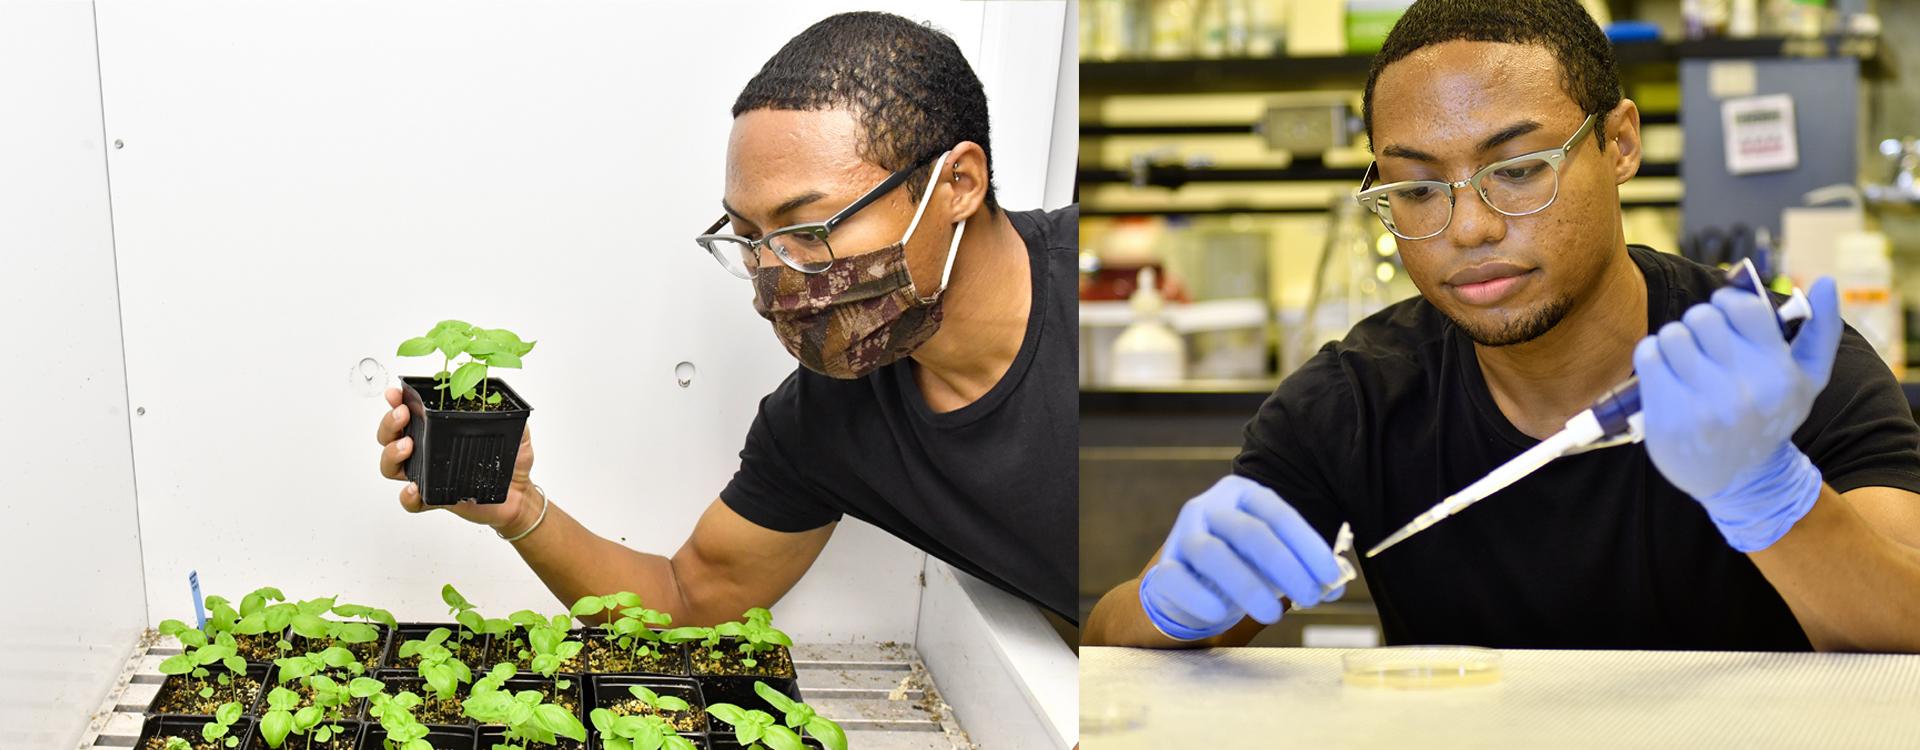 Using CRISPR/Cas9 Tech